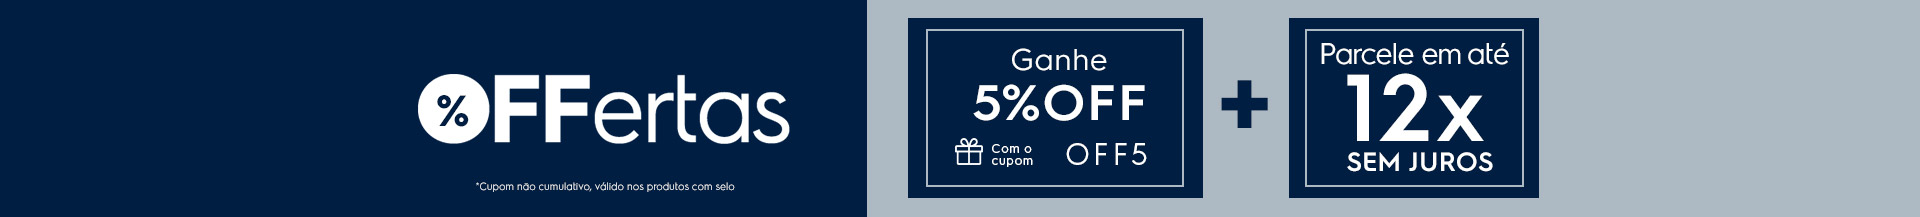 OFFertas 5%OFF - Coifas e Depuradores